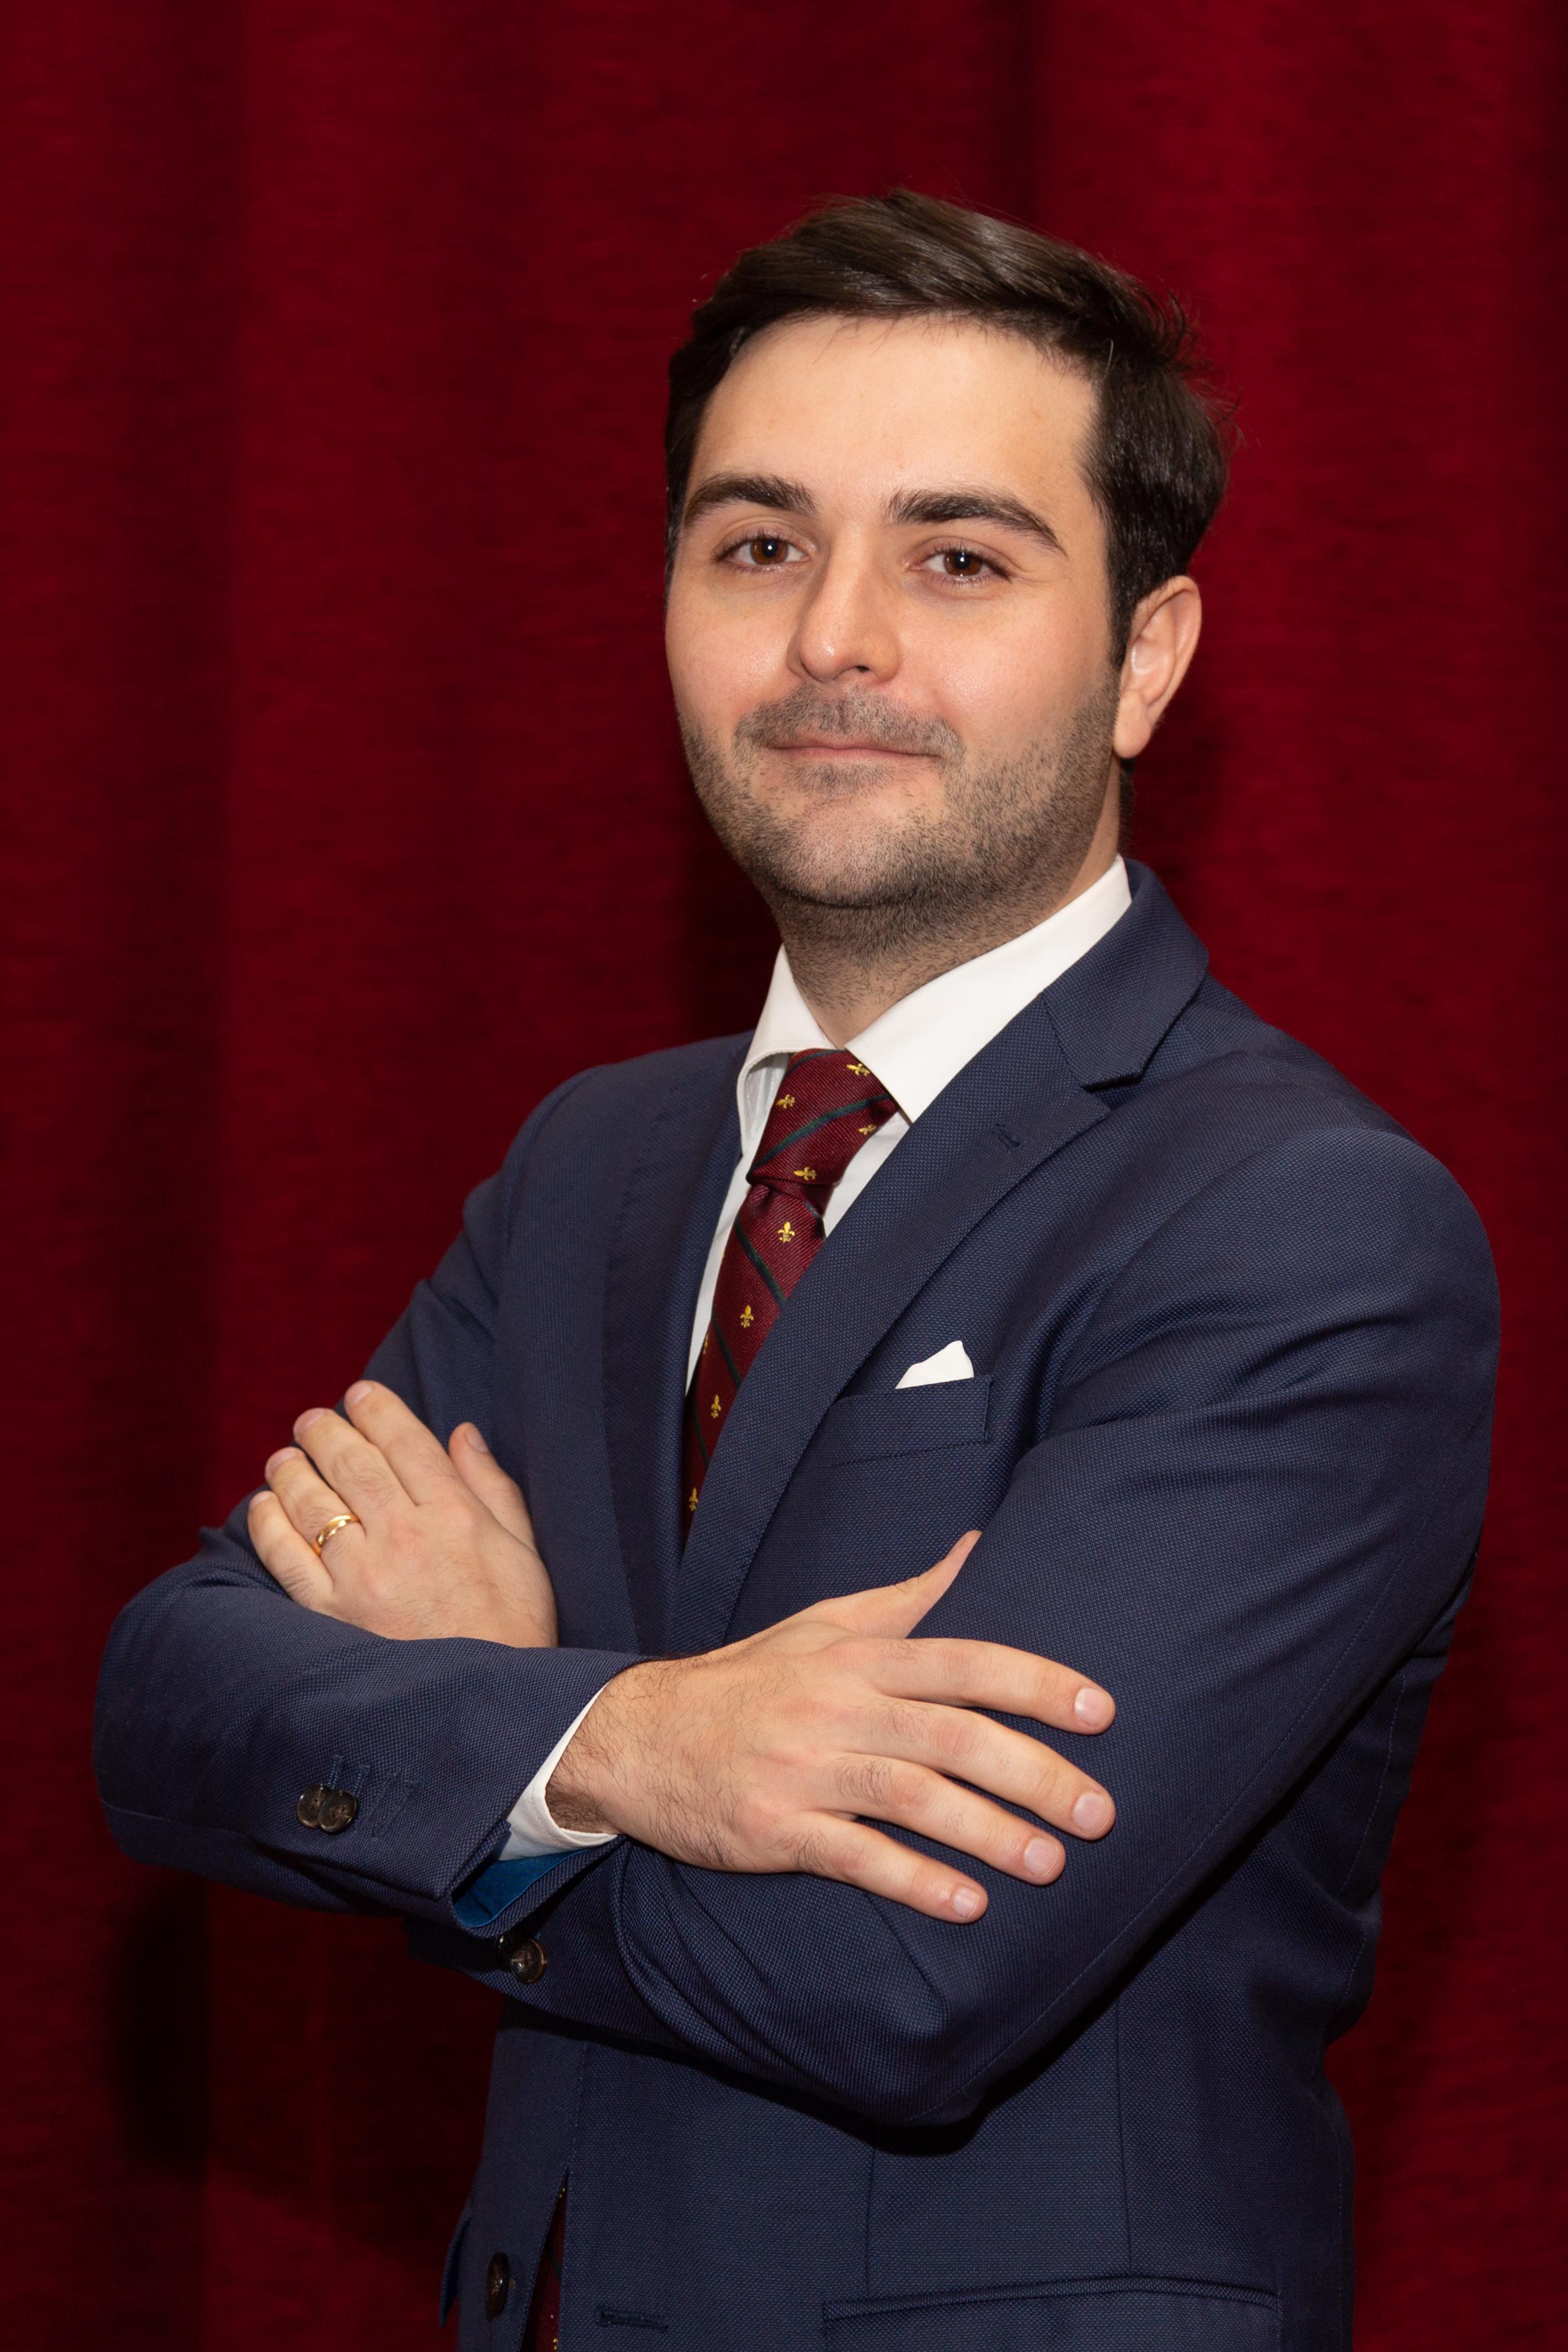 Delber Bertin Pinto Gomes